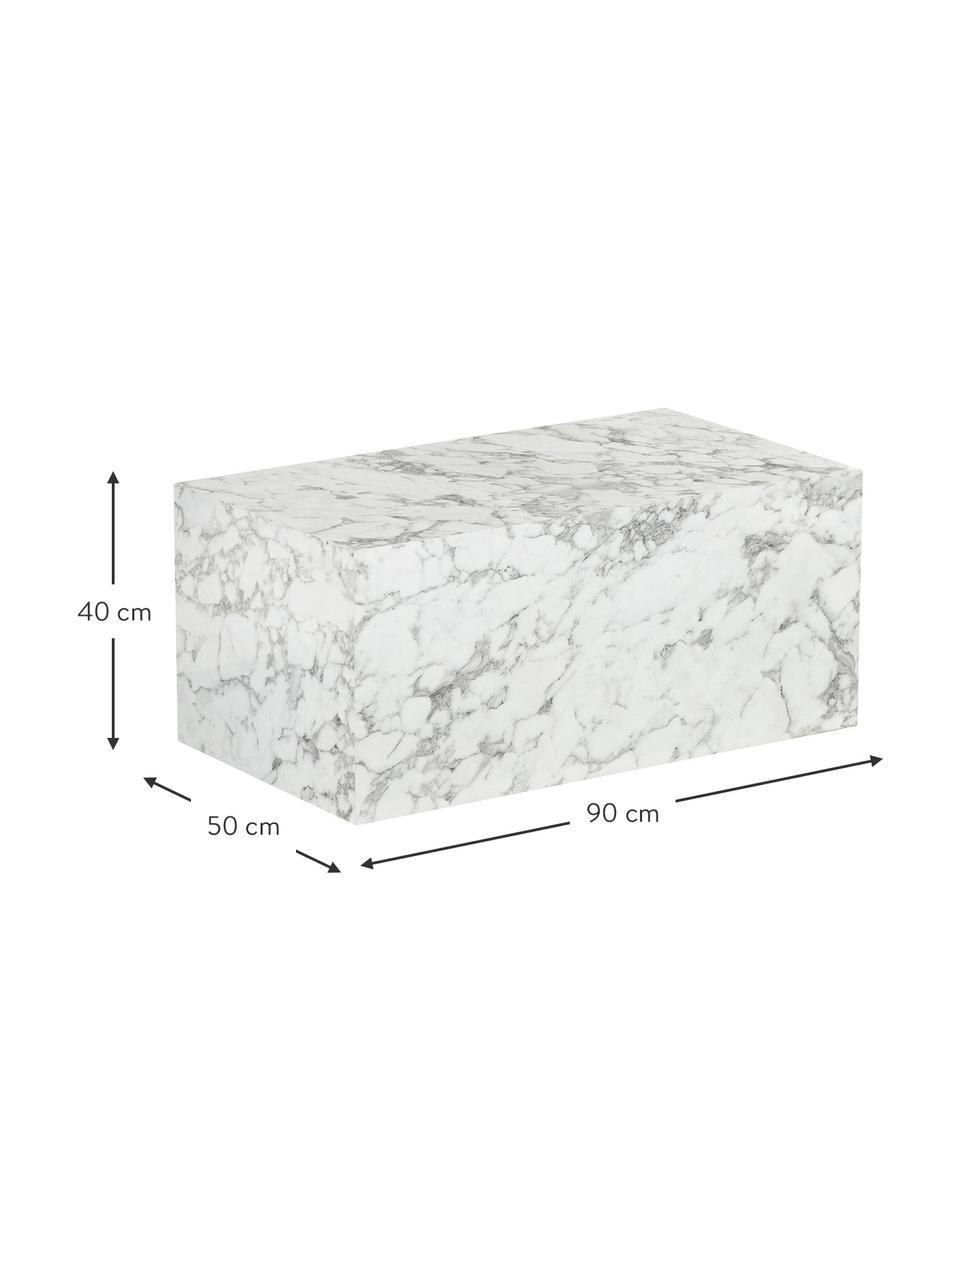 Salontafel Lesley met marmerlook, MDF bekleed met melaminefolie, Wit, marmerlook, B 90 x D 50 cm